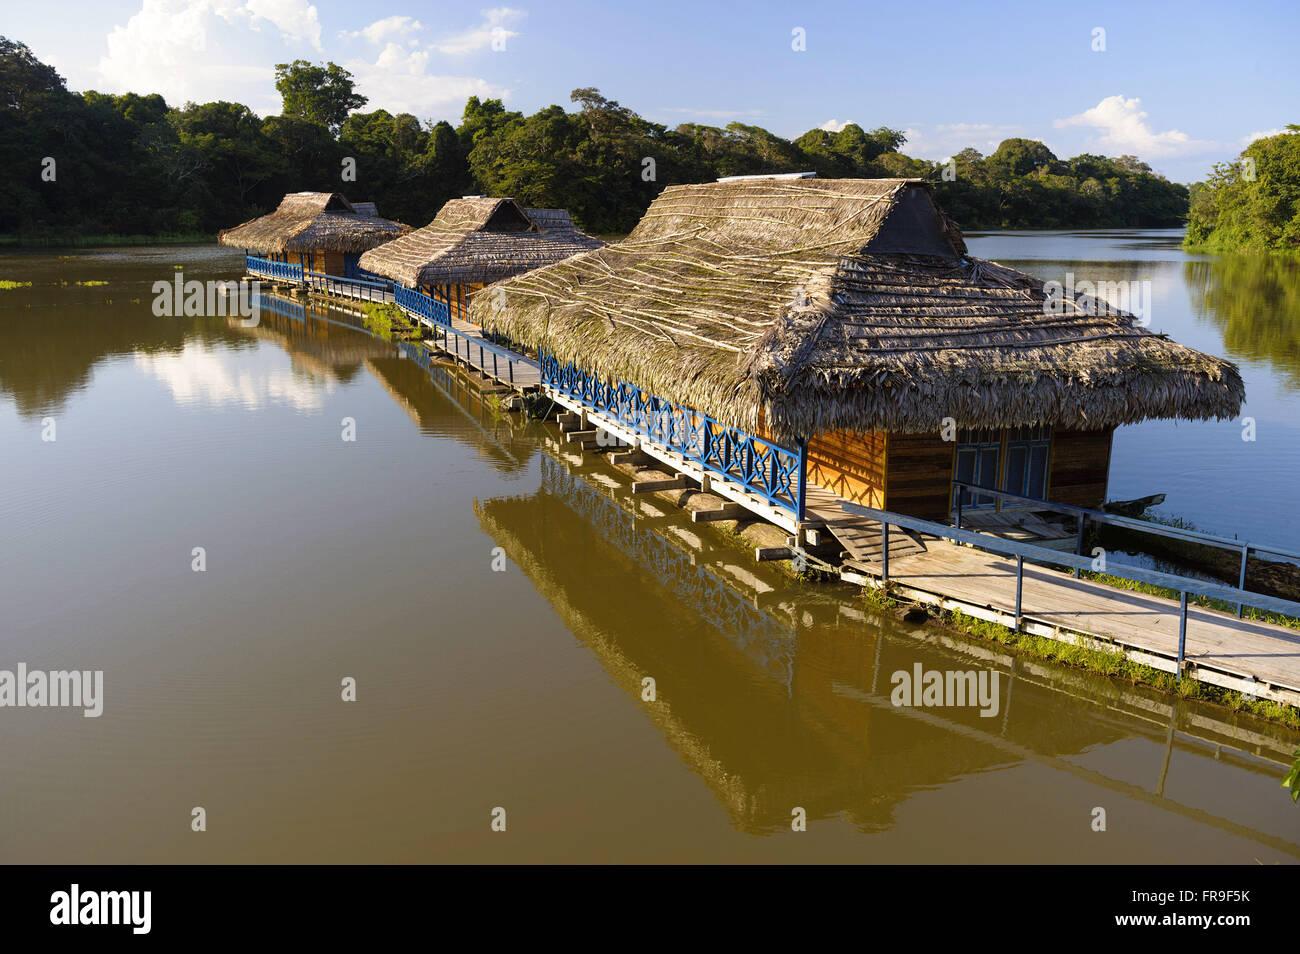 Bangalos floating hostel Uacari - Stock Image